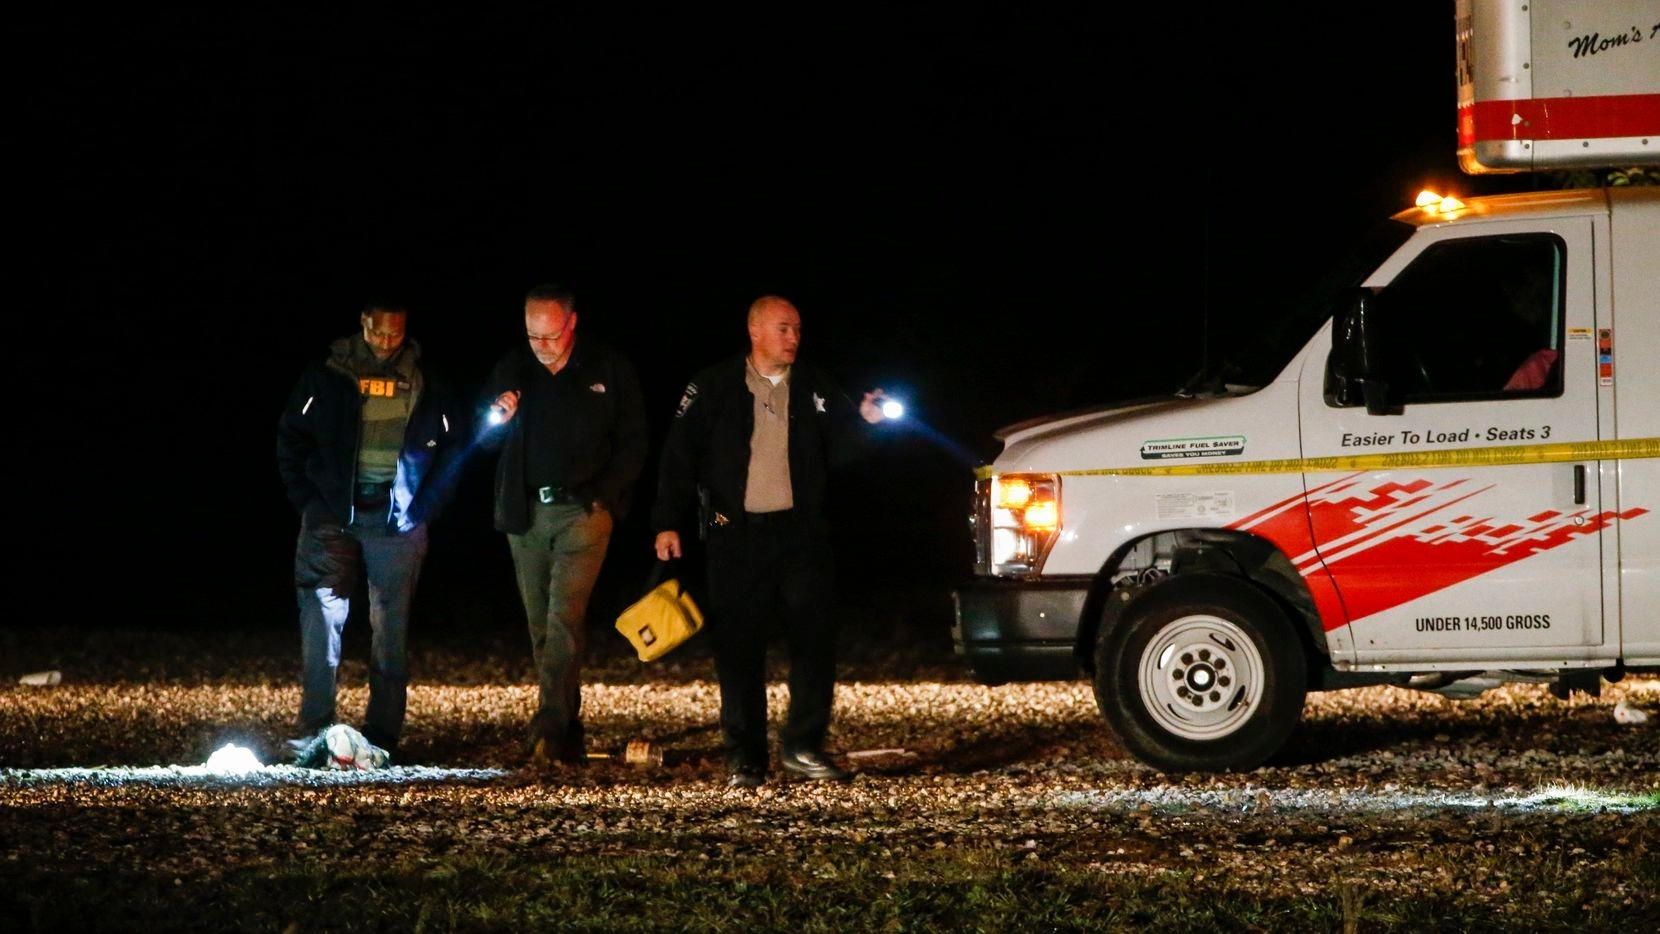 Τέξας: Νεκροί και τραυματίες σε πάρτι πανεπιστημίου από πυροβολισμούς